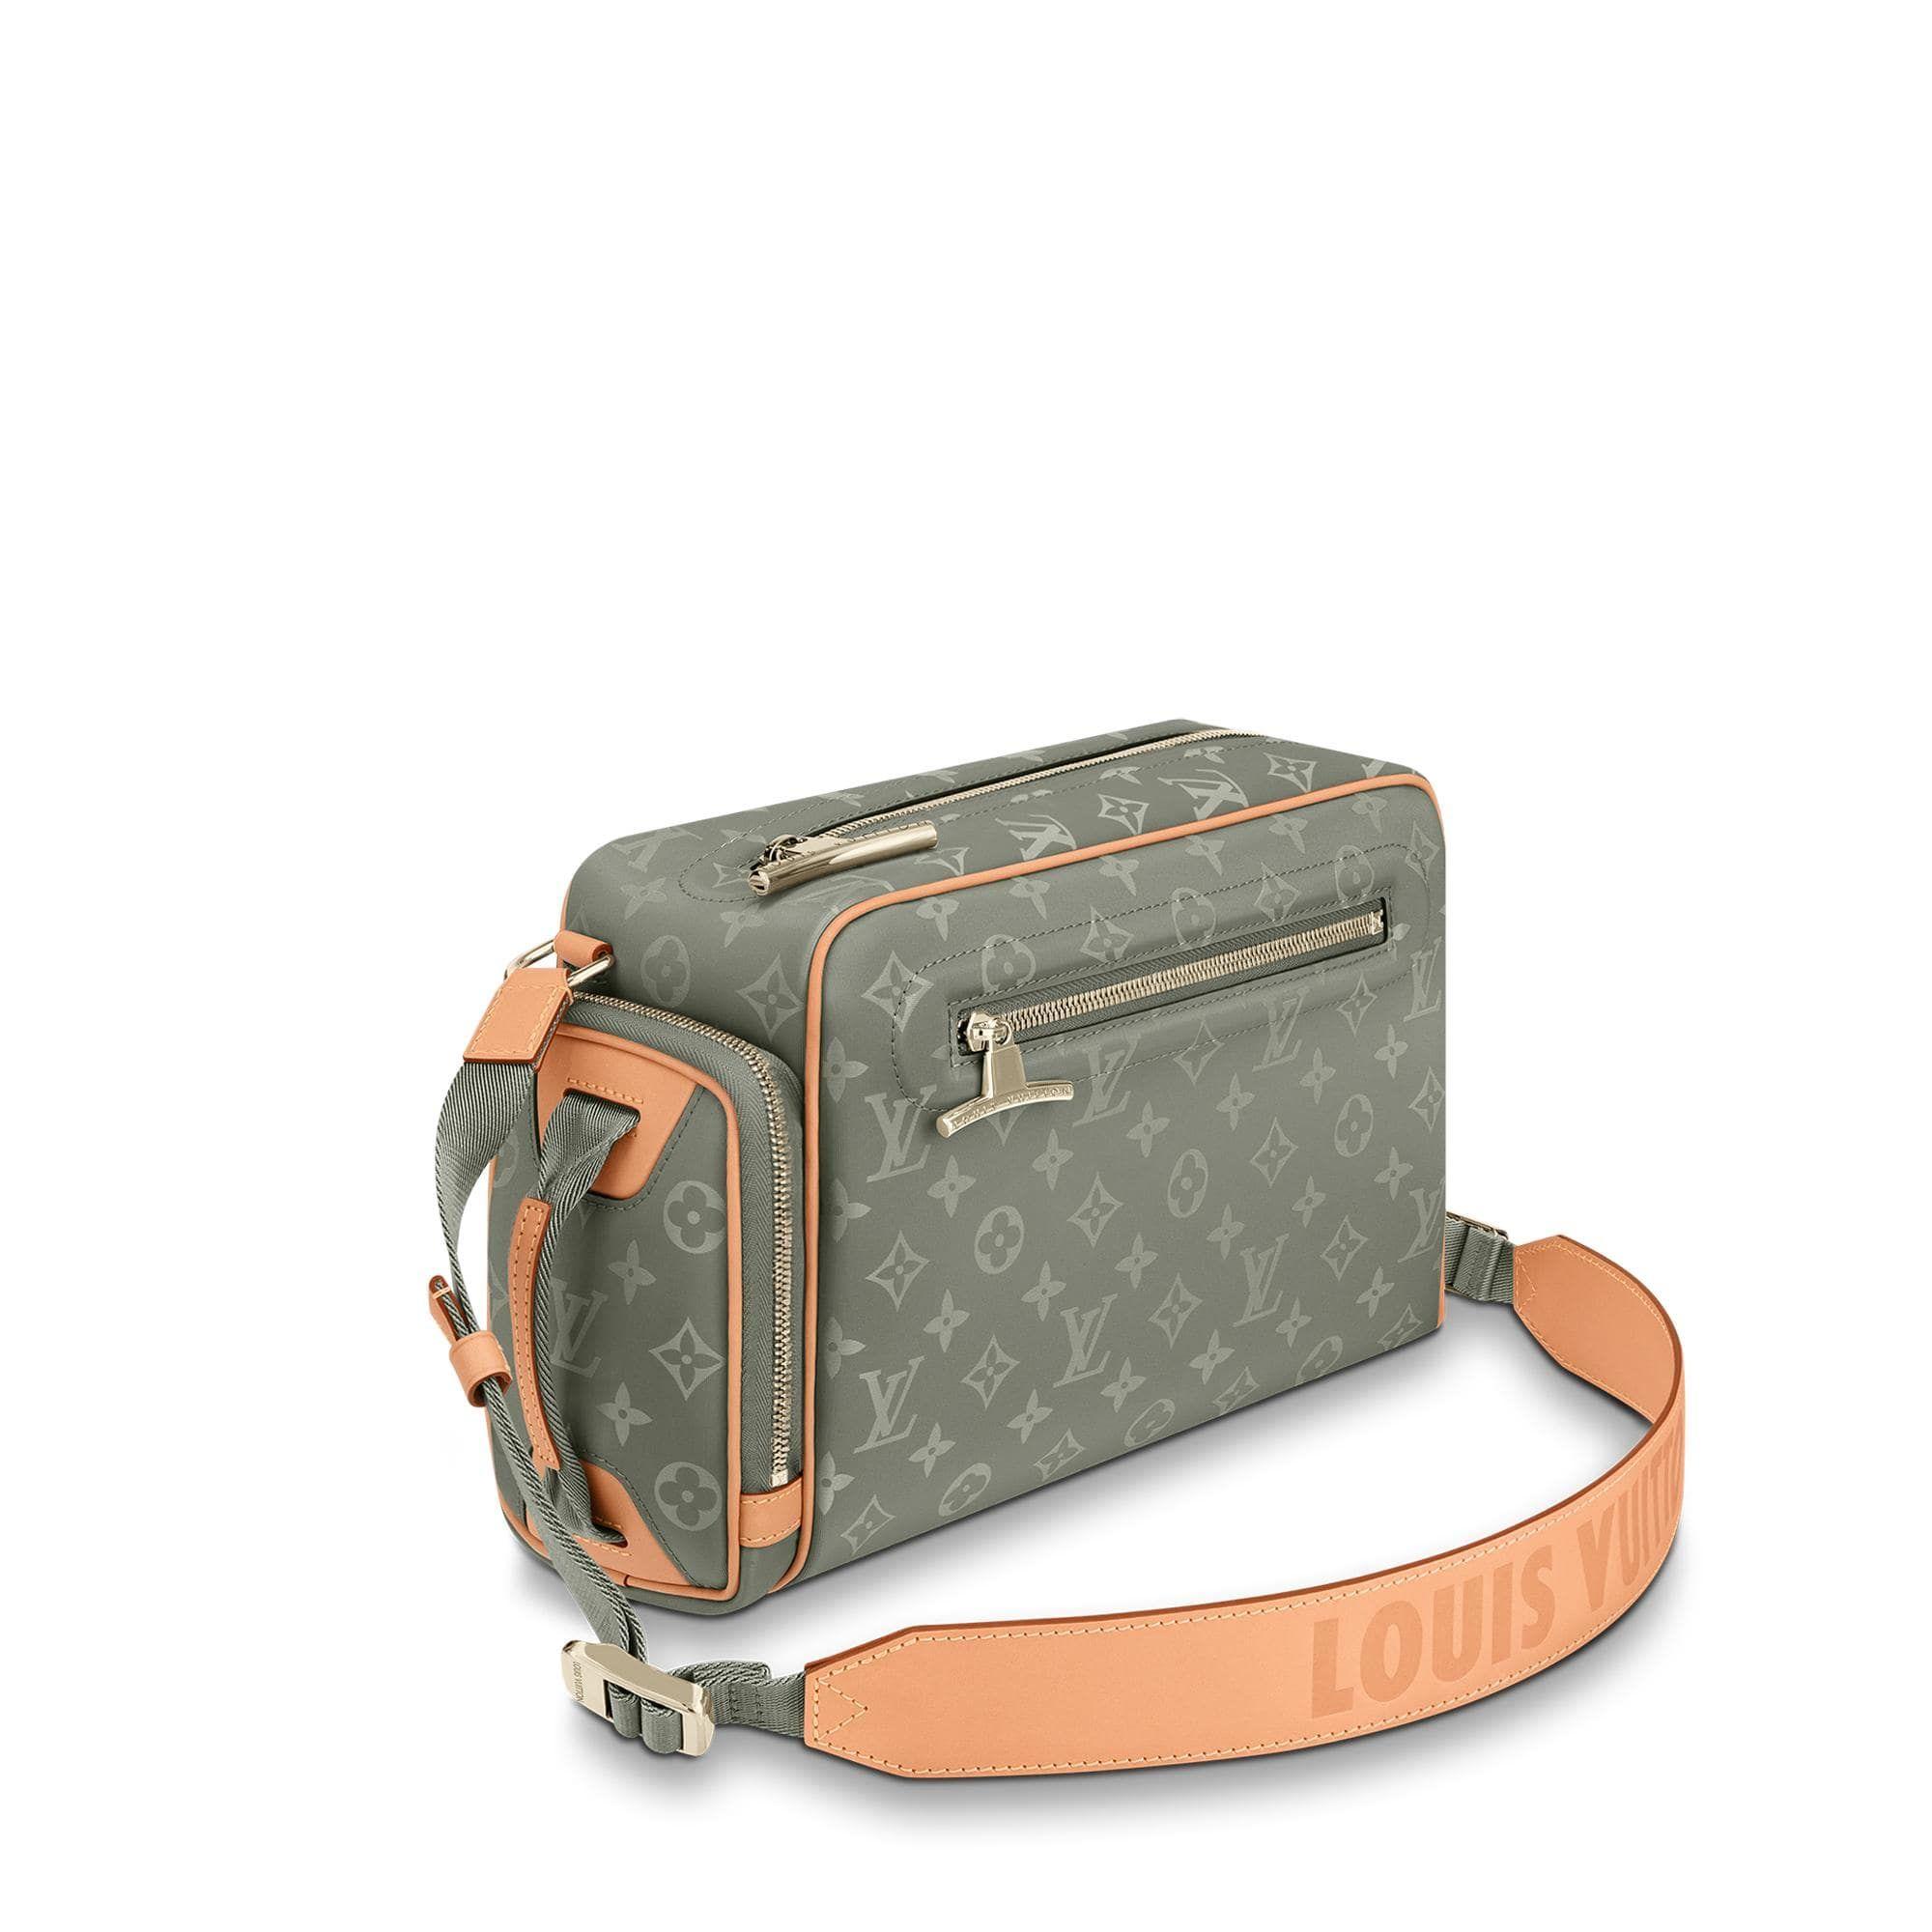 Camera Bag Monogram Titanium Men S Bags Louis Vuitton Camera Bag Bags Louis Vuitton